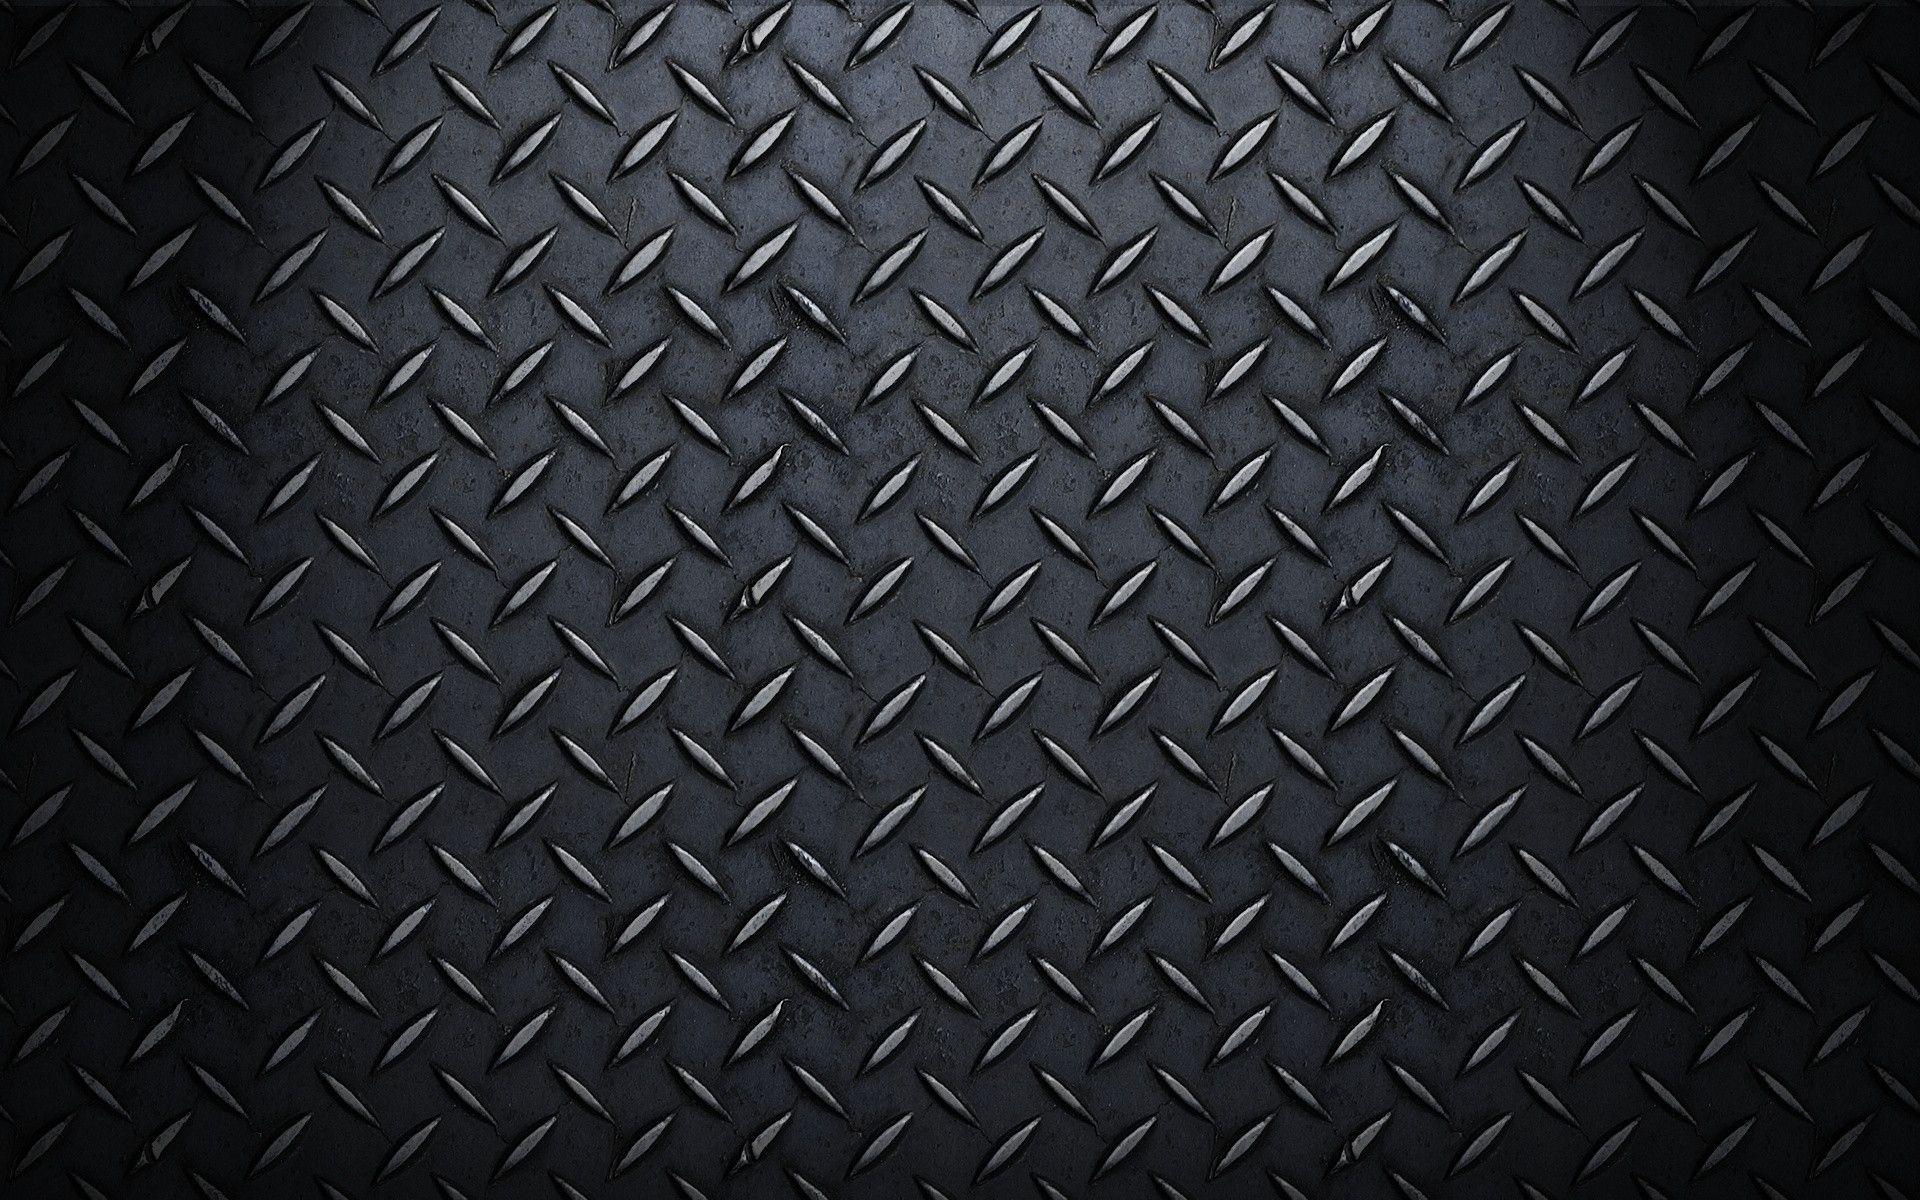 Dark Portrait Wallpapers High Resolution 1920x1200